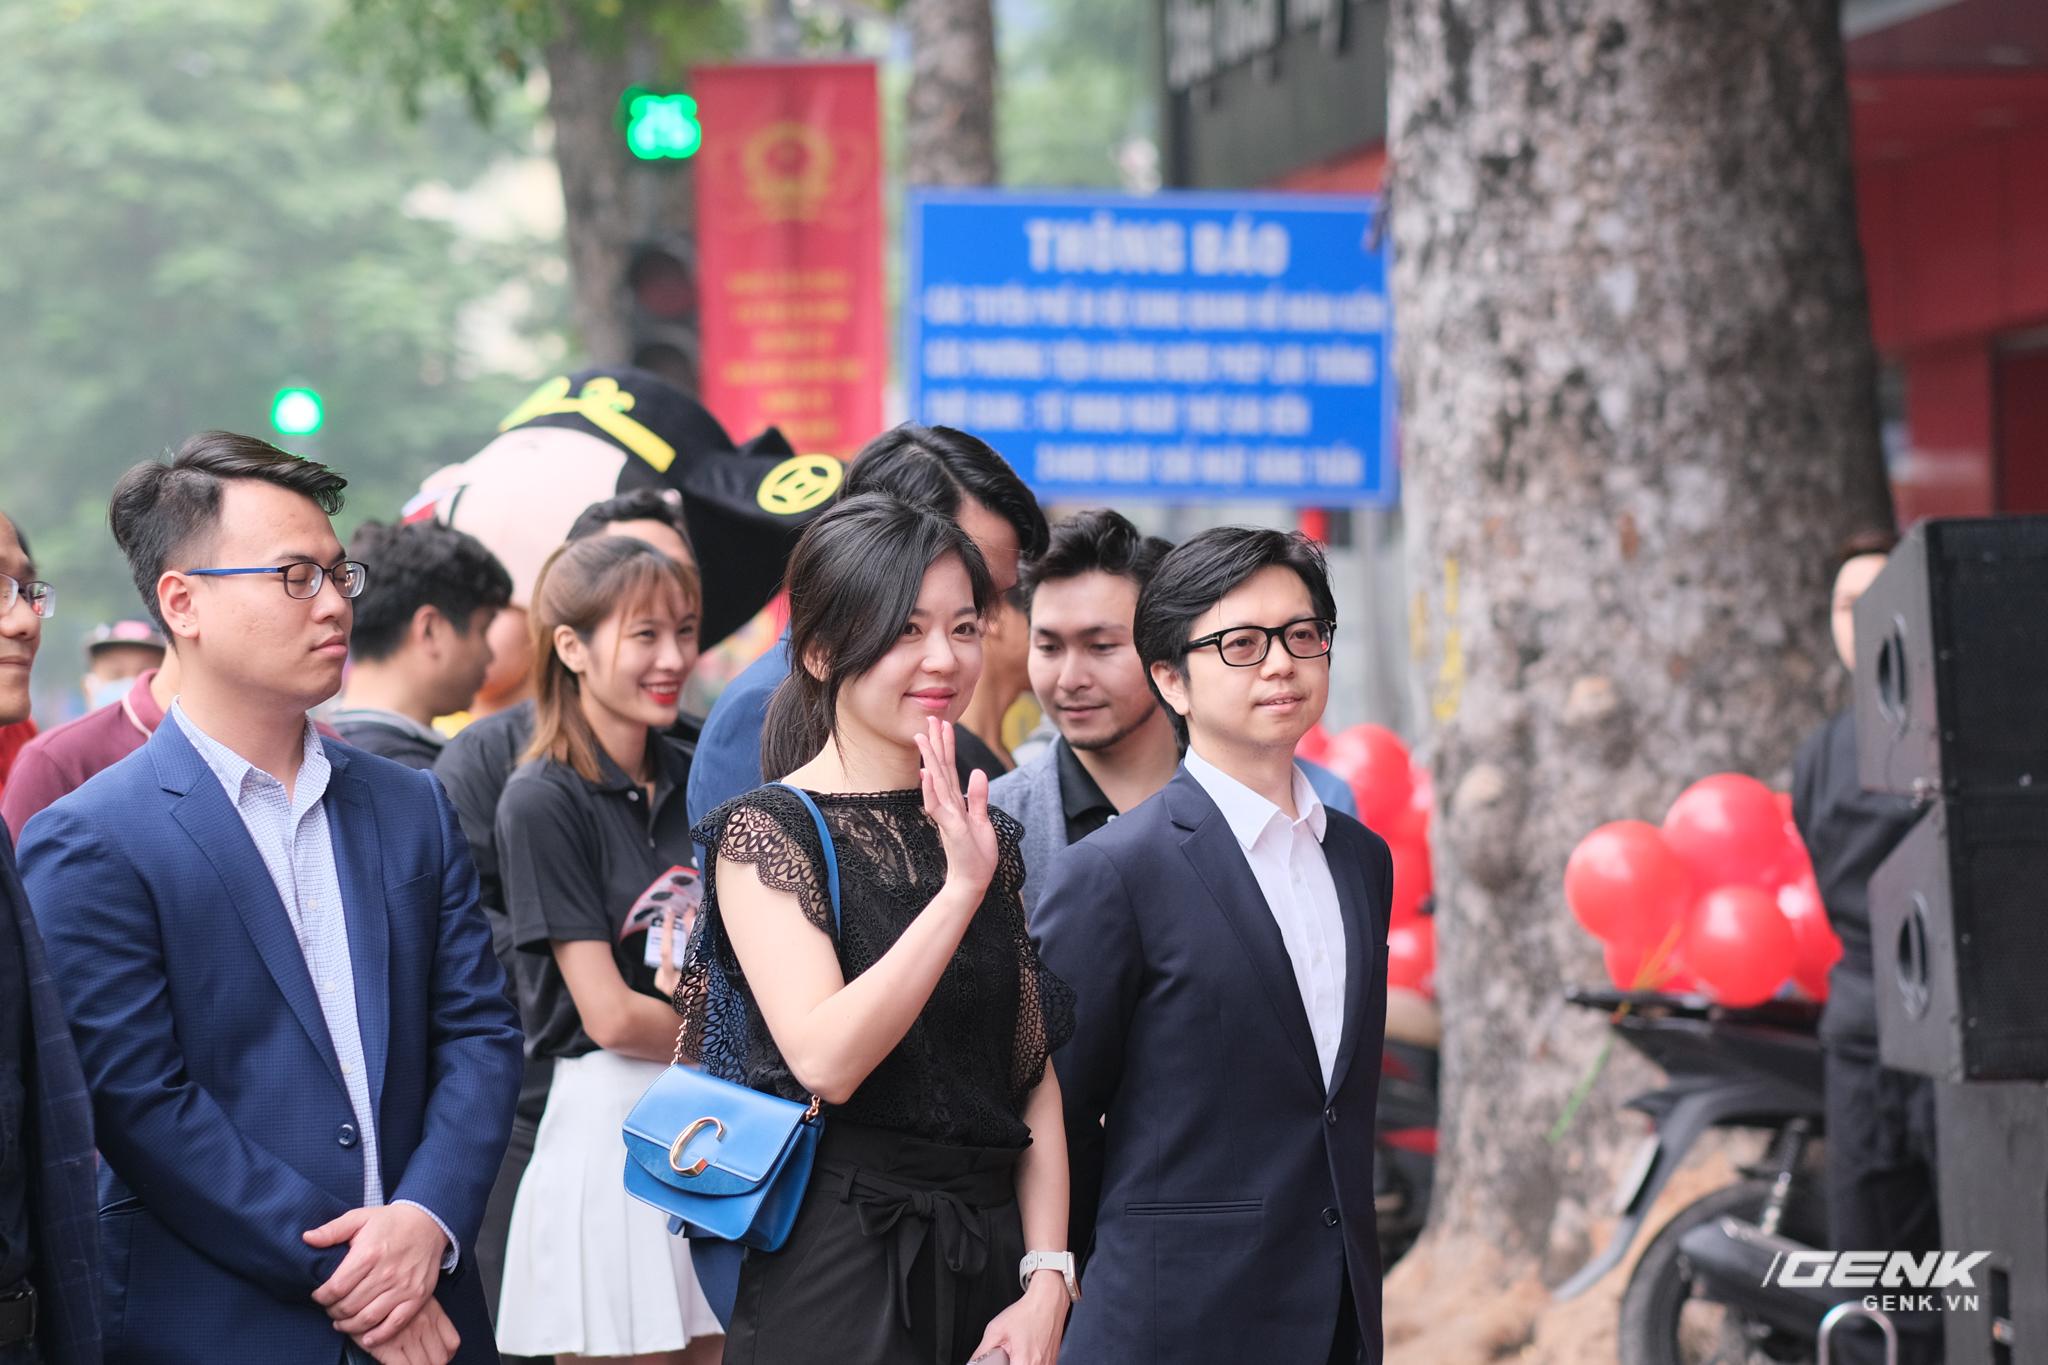 Garmin khai trương cửa hàng thương hiệu đầu tiên tại Việt Nam - Ảnh 6.